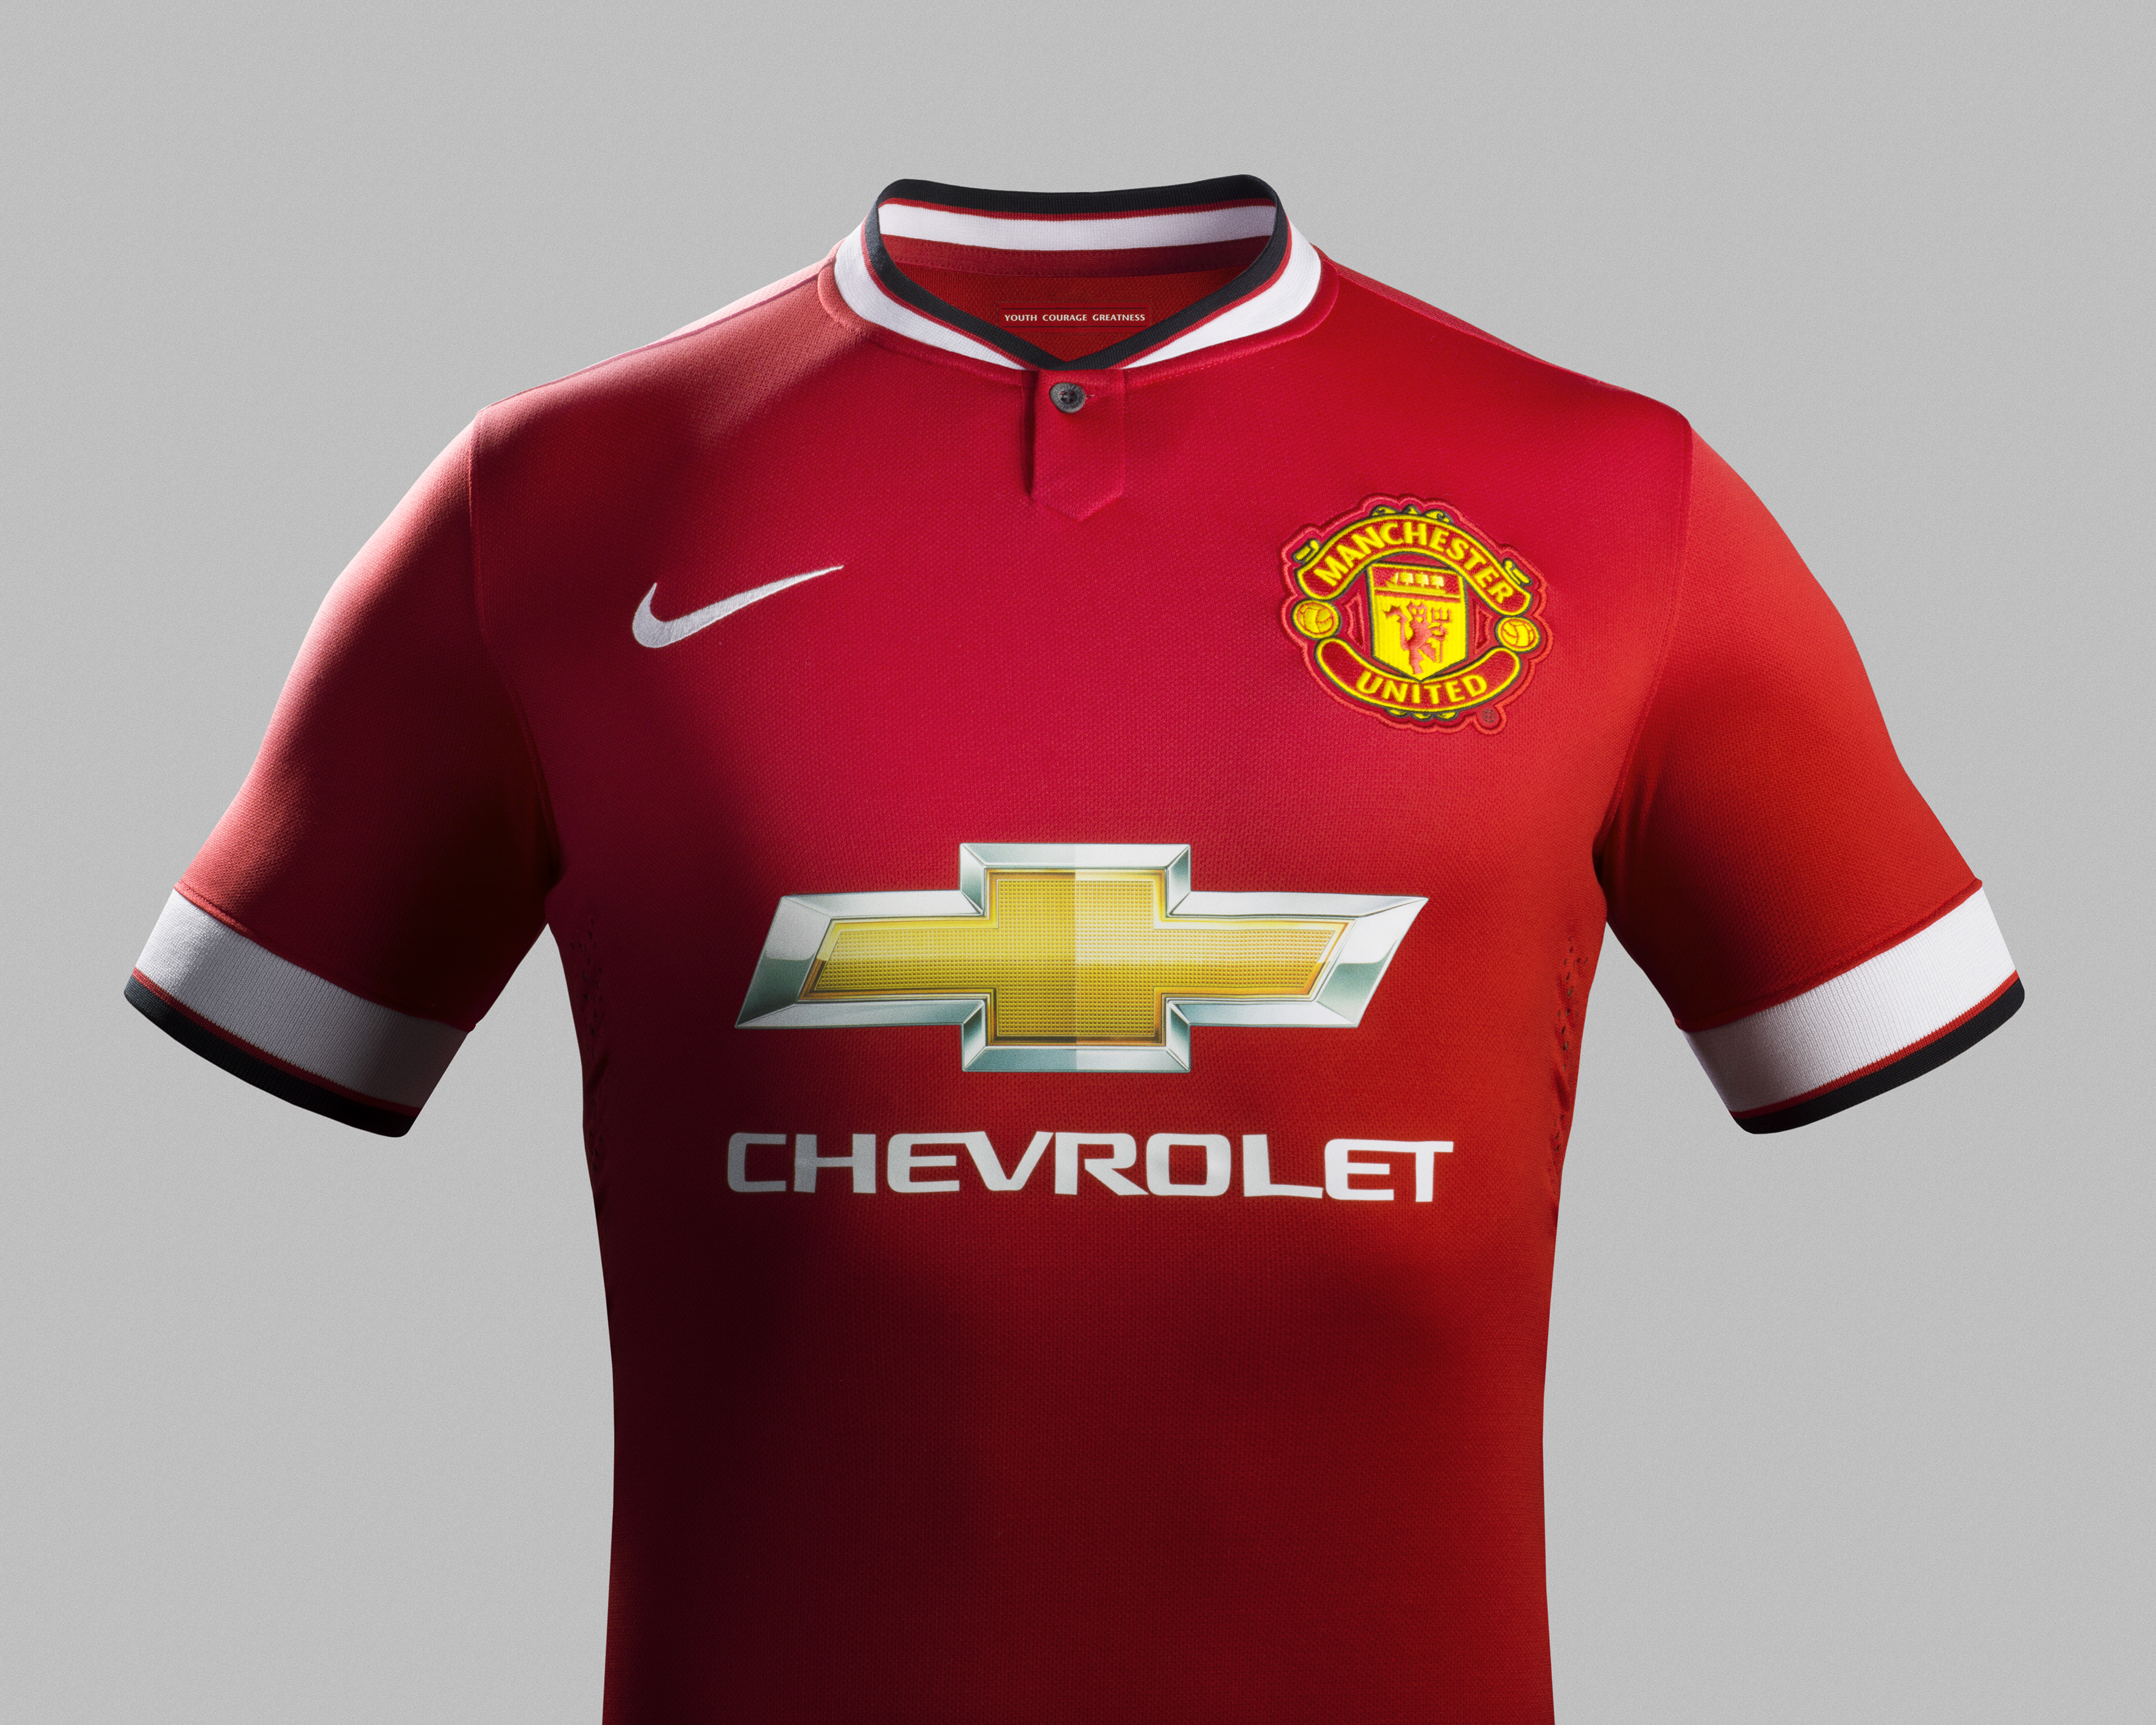 Nike dévoile le nouveau maillot de Manchester United